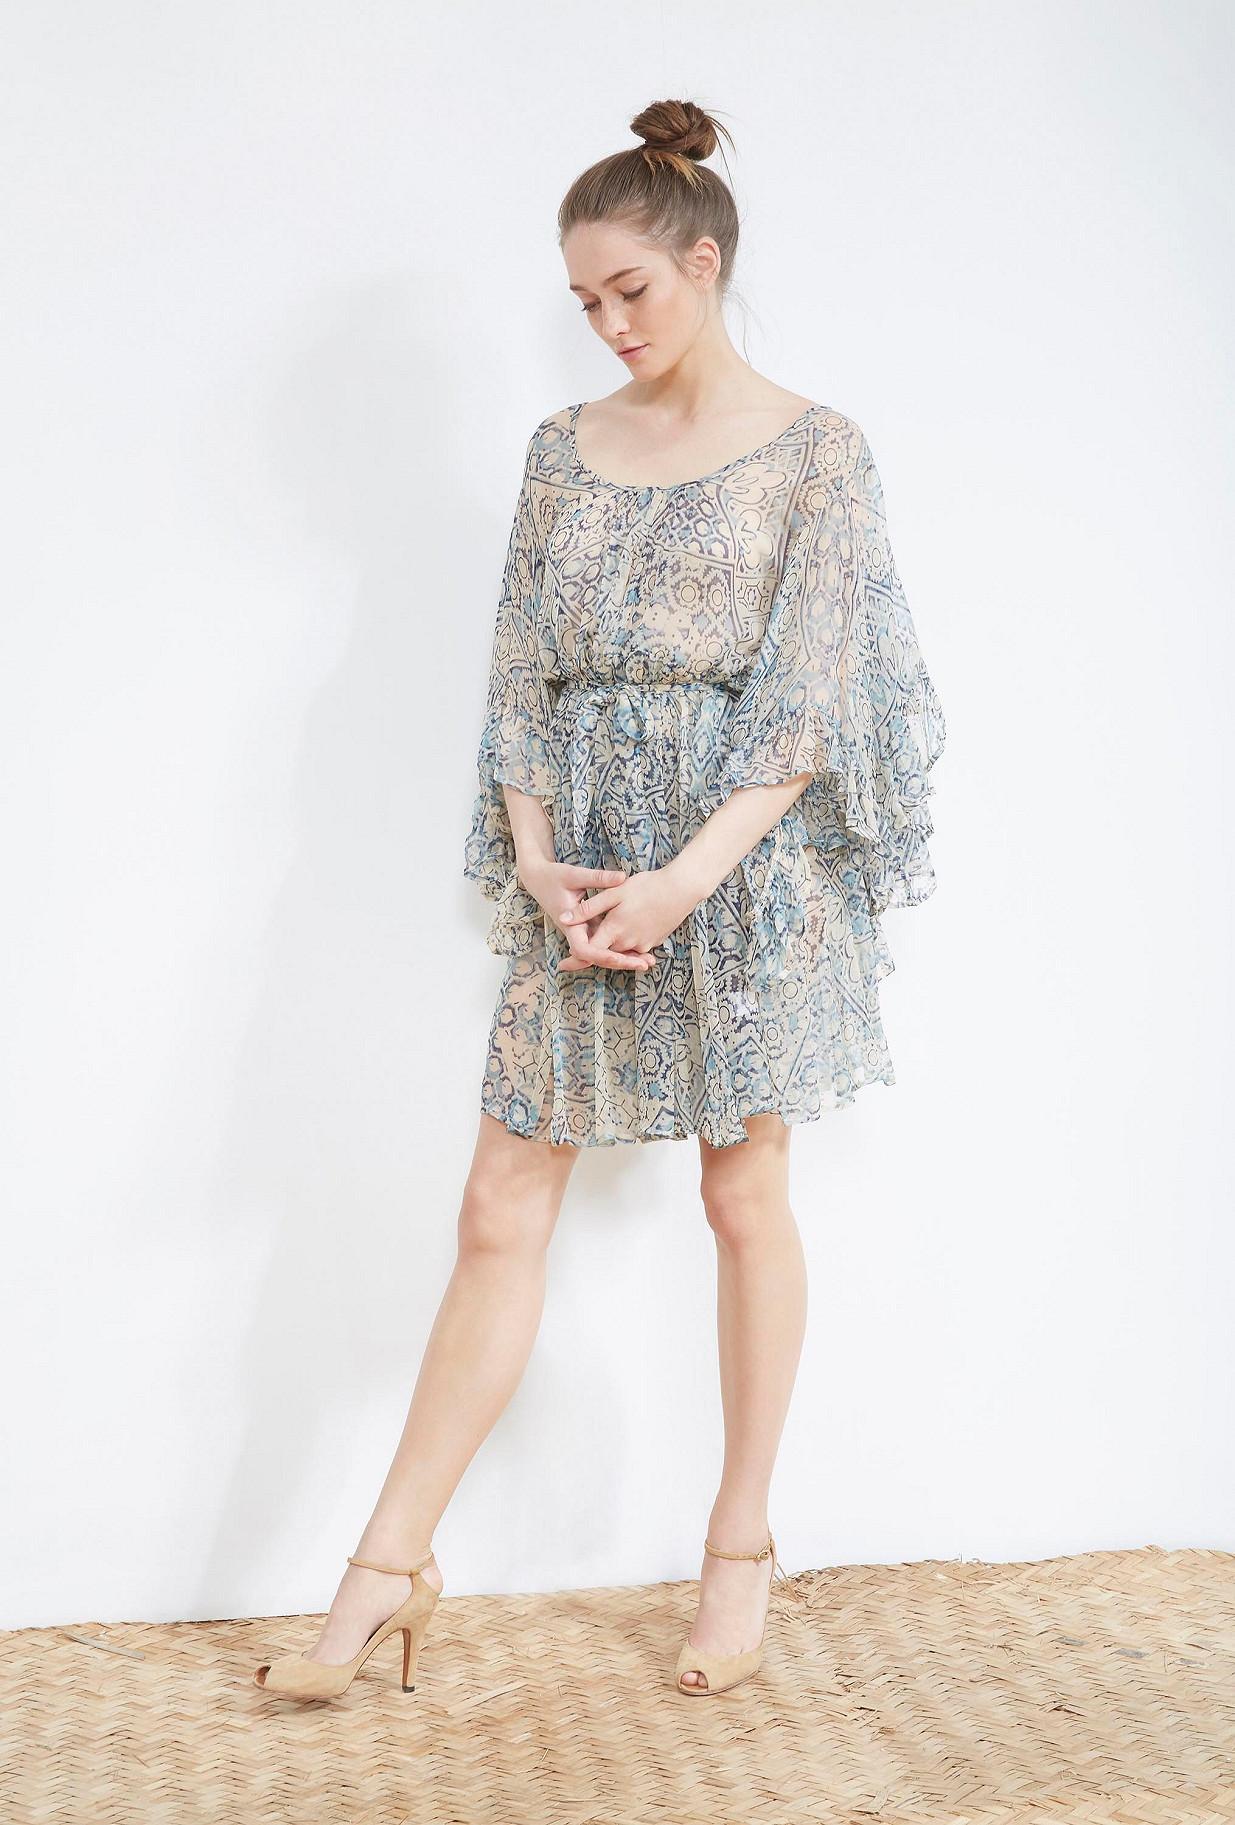 ROBE Imprimé bleu  Faenza mes demoiselles paris vêtement femme paris